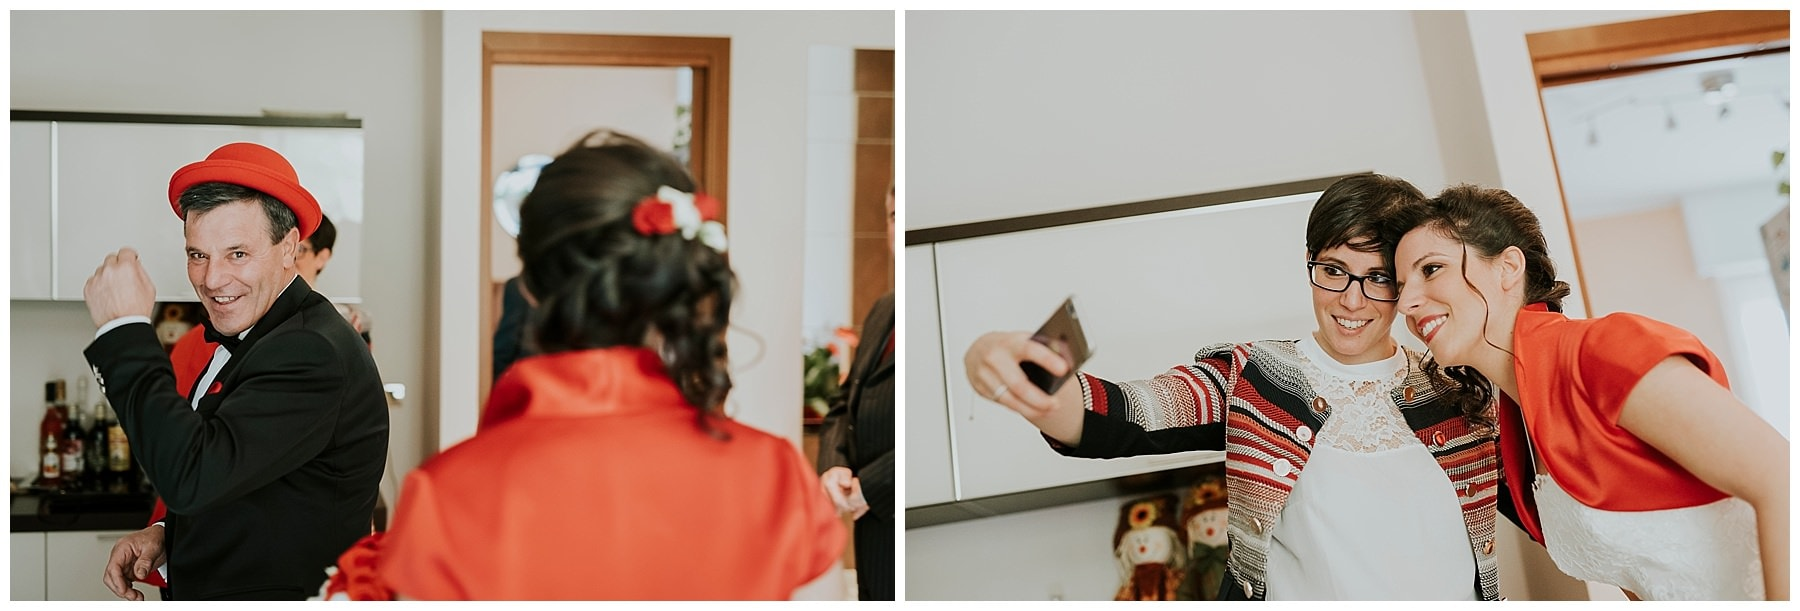 fotografo matrimonio Lecco